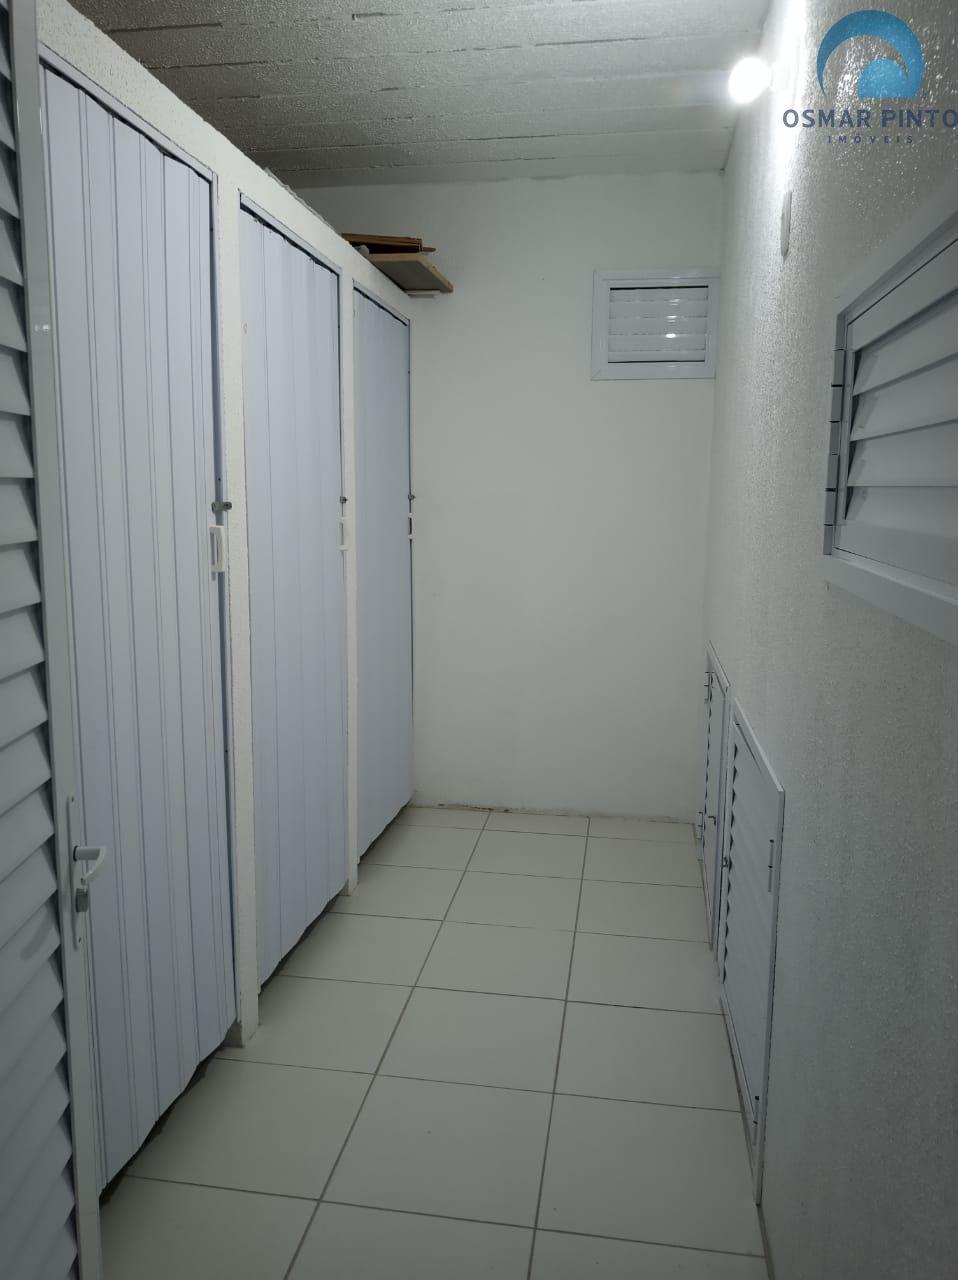 Apartamento 2 dormitórios em Torres, no bairro Stan